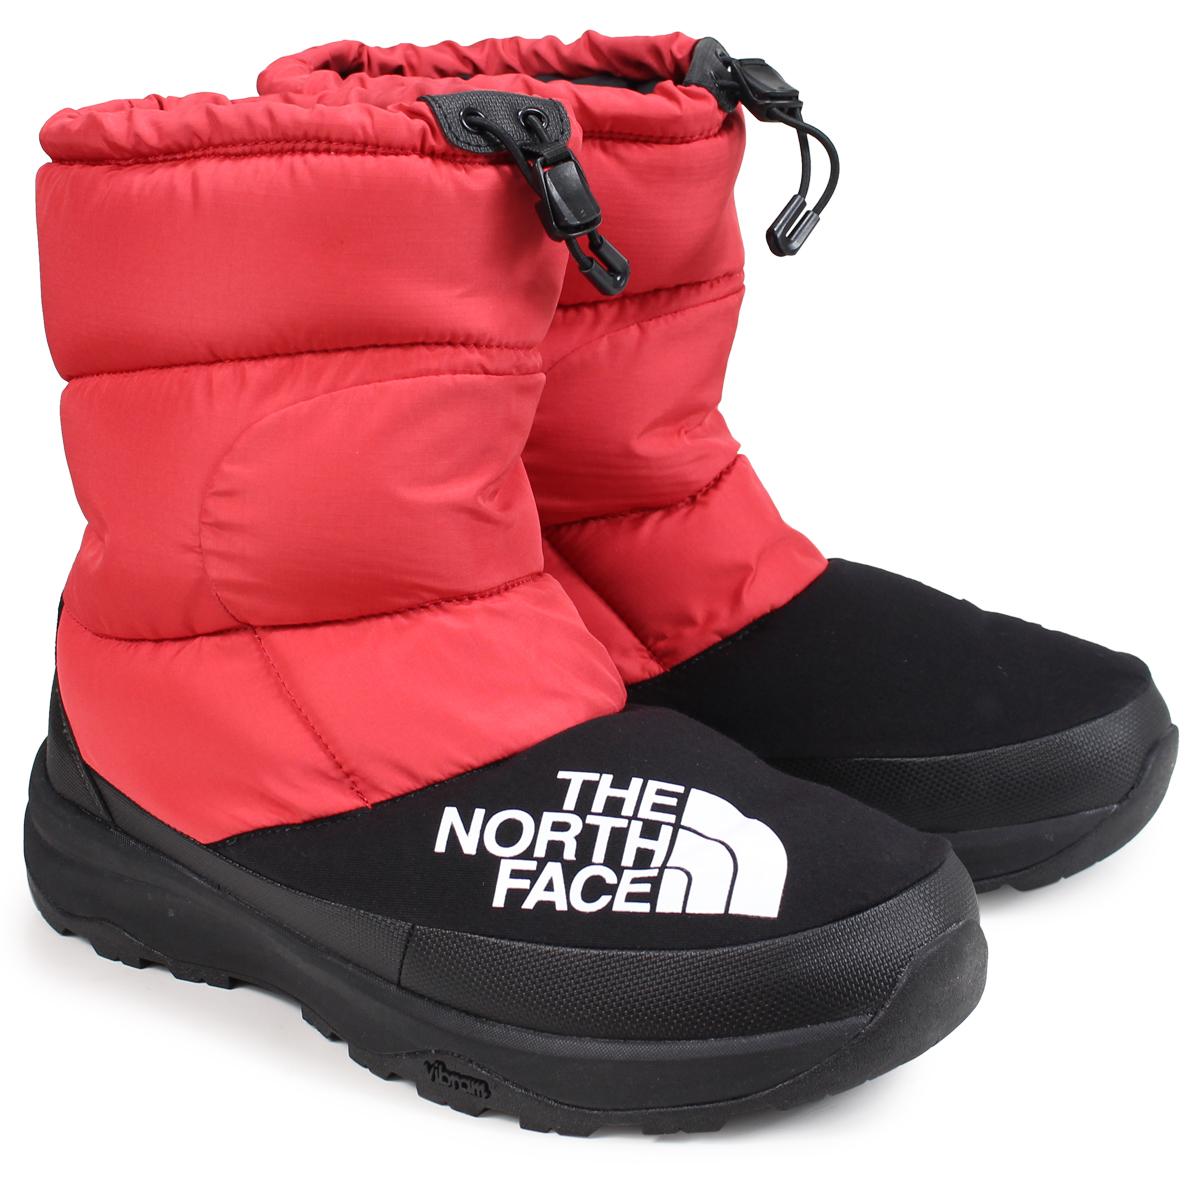 THE NORTH FACE NUPTSE DOWN BOOTIE ノースフェイス ヌプシダウンブーティ ブーツ メンズ レディース レッド NF51877